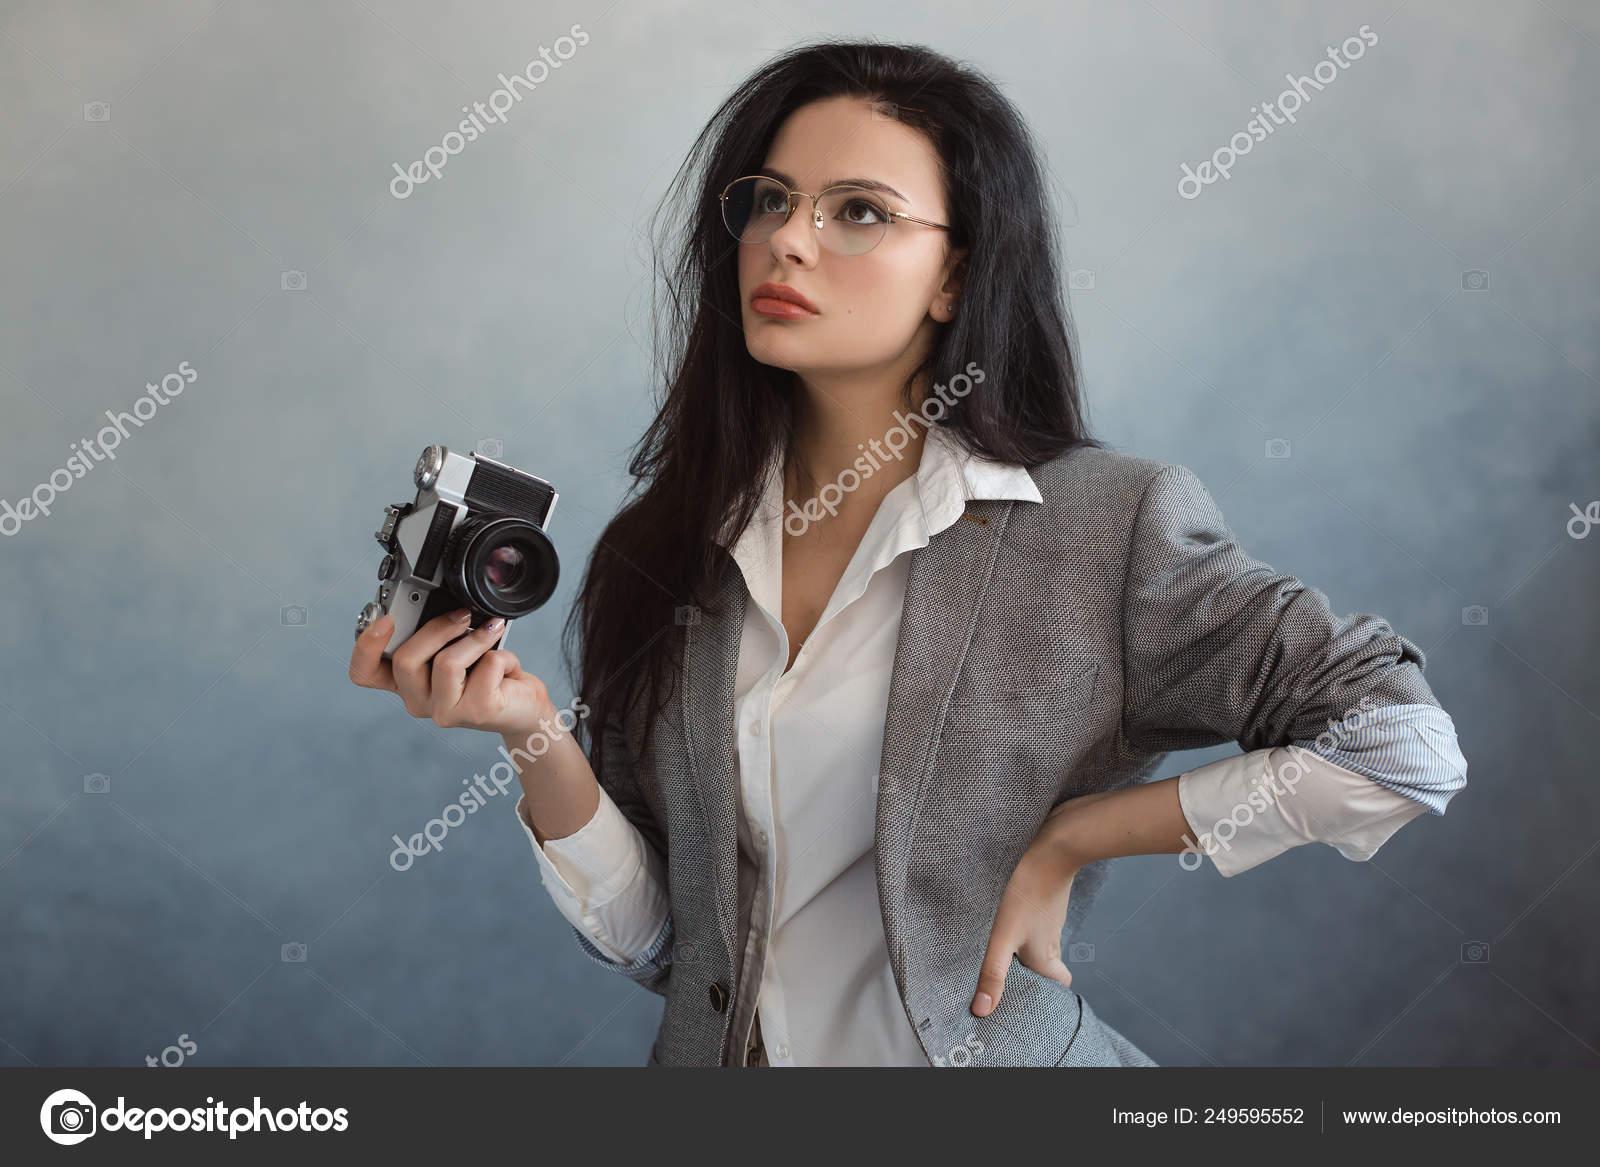 скачать видео с камерой внутри женщины